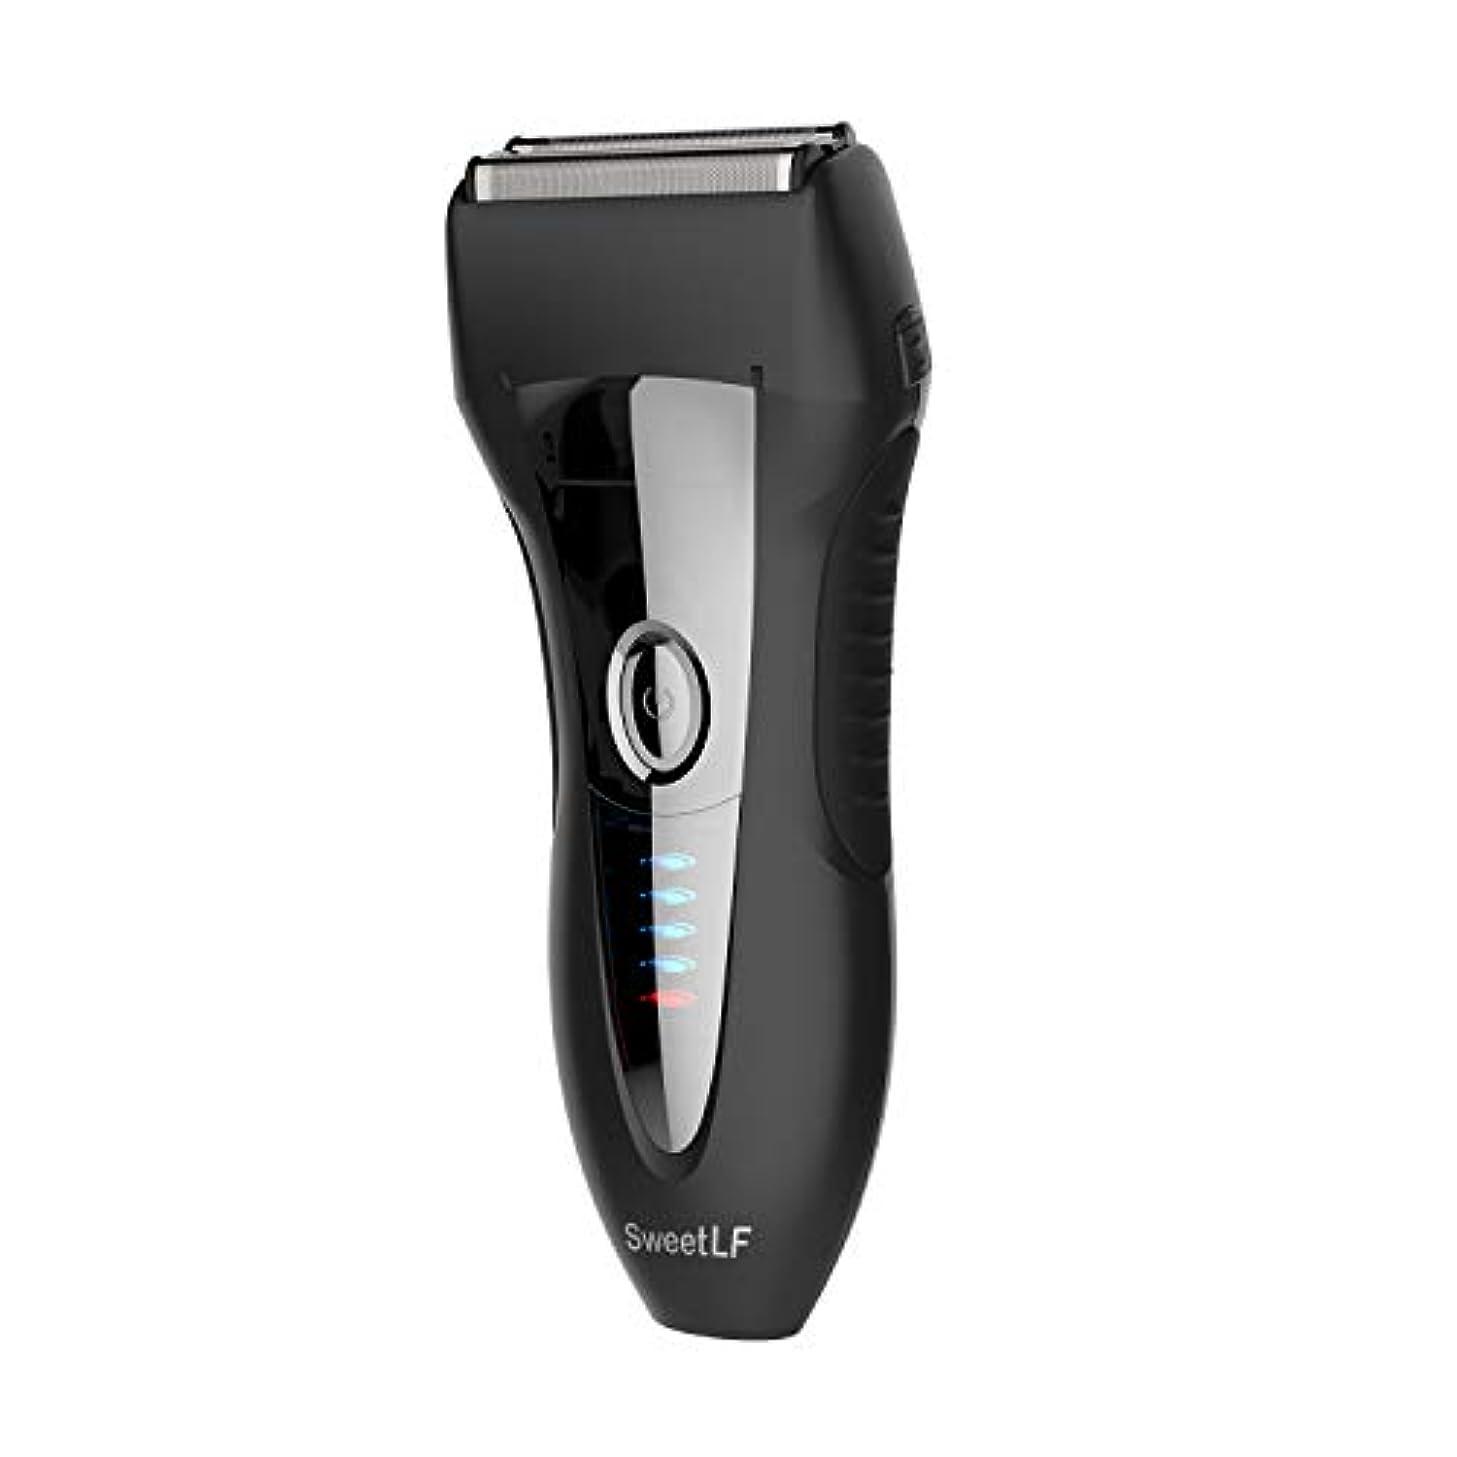 ホース霜確かめるSweetLF シェーバー メンズ 電気シェーバー ひげそり 電気カミソリ 往復式 3枚刃 USB充電式 お風呂剃り可 LED電源残量表示 トリマー付き